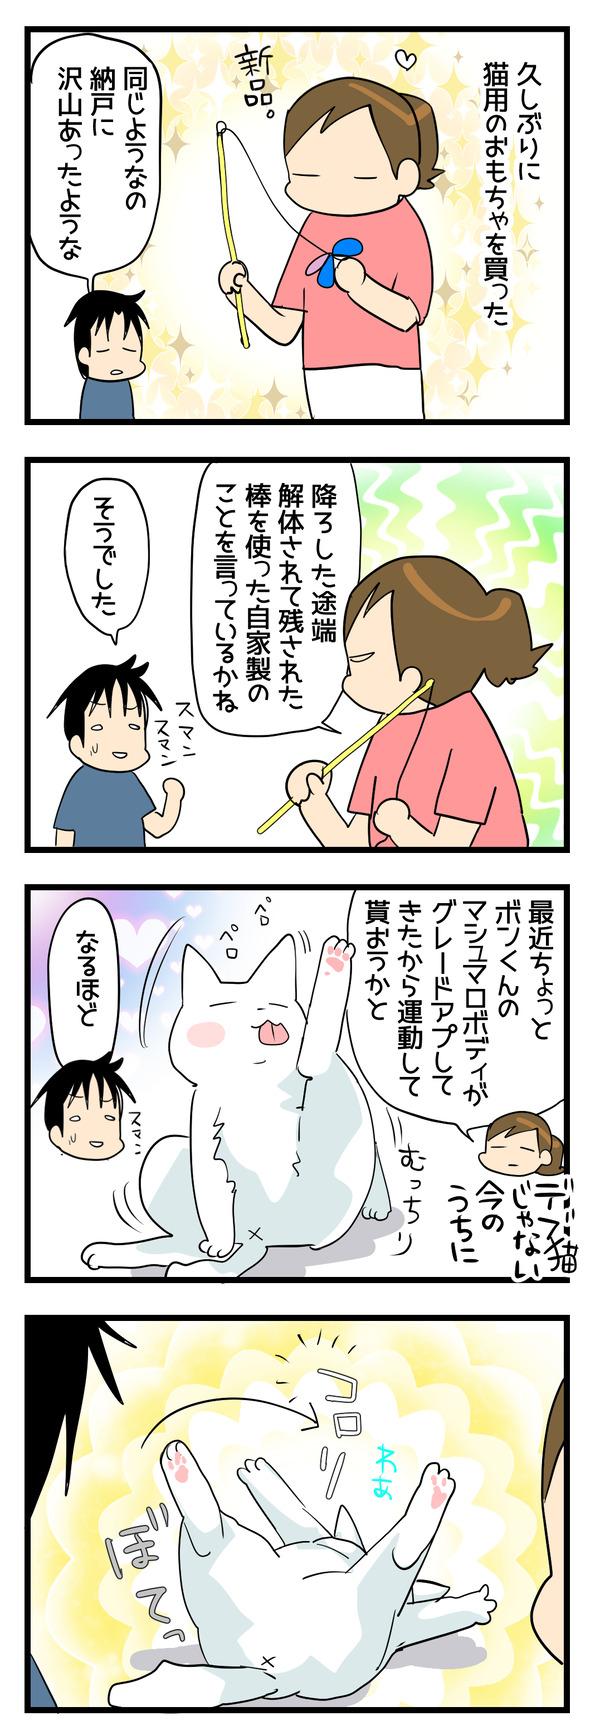 猫の運動1